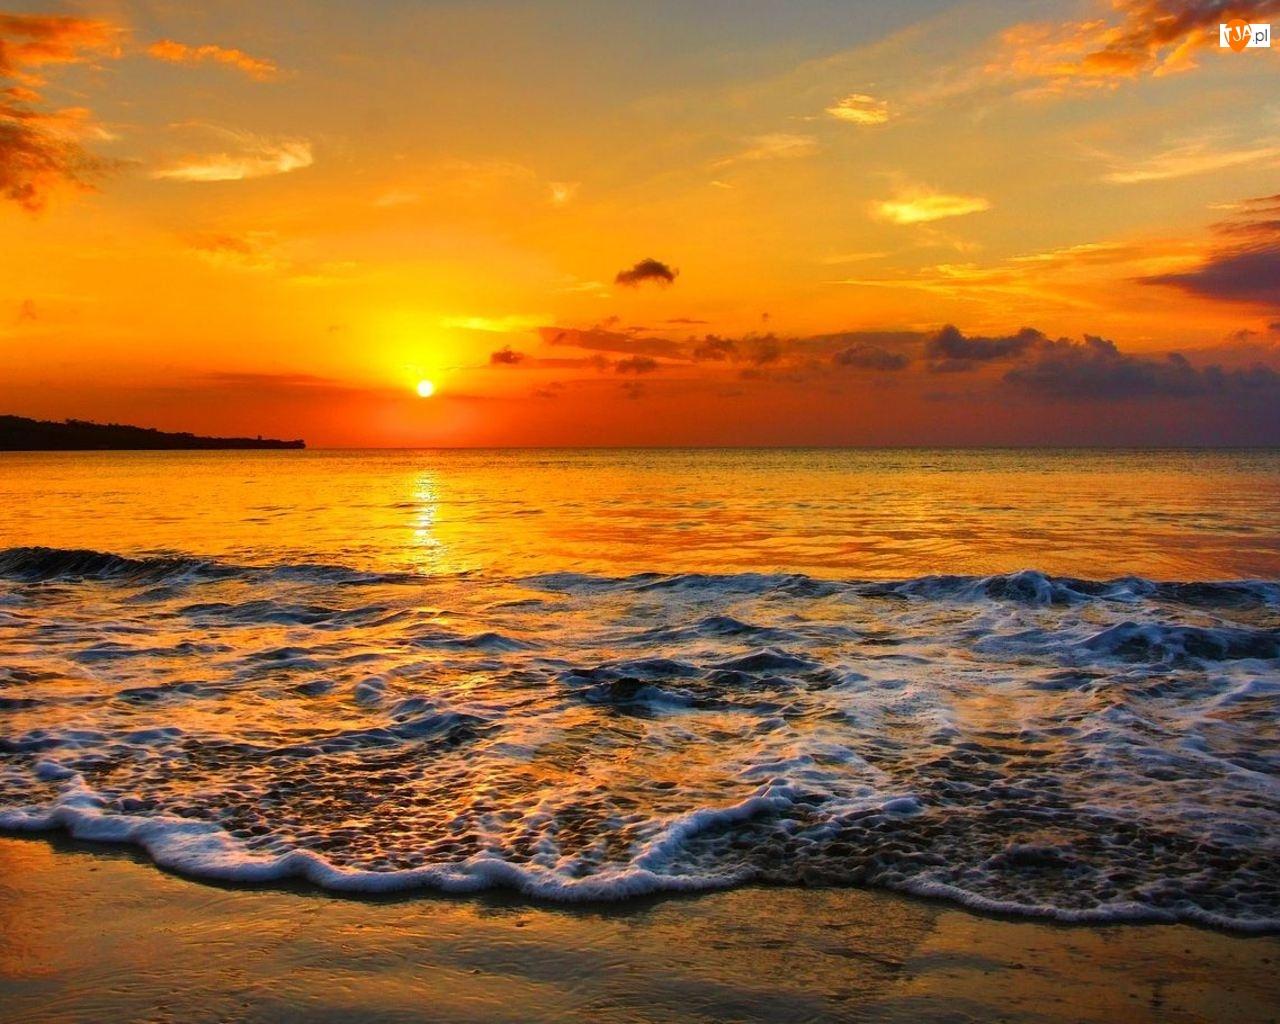 Plaża, Słońca, Morze, Zachód